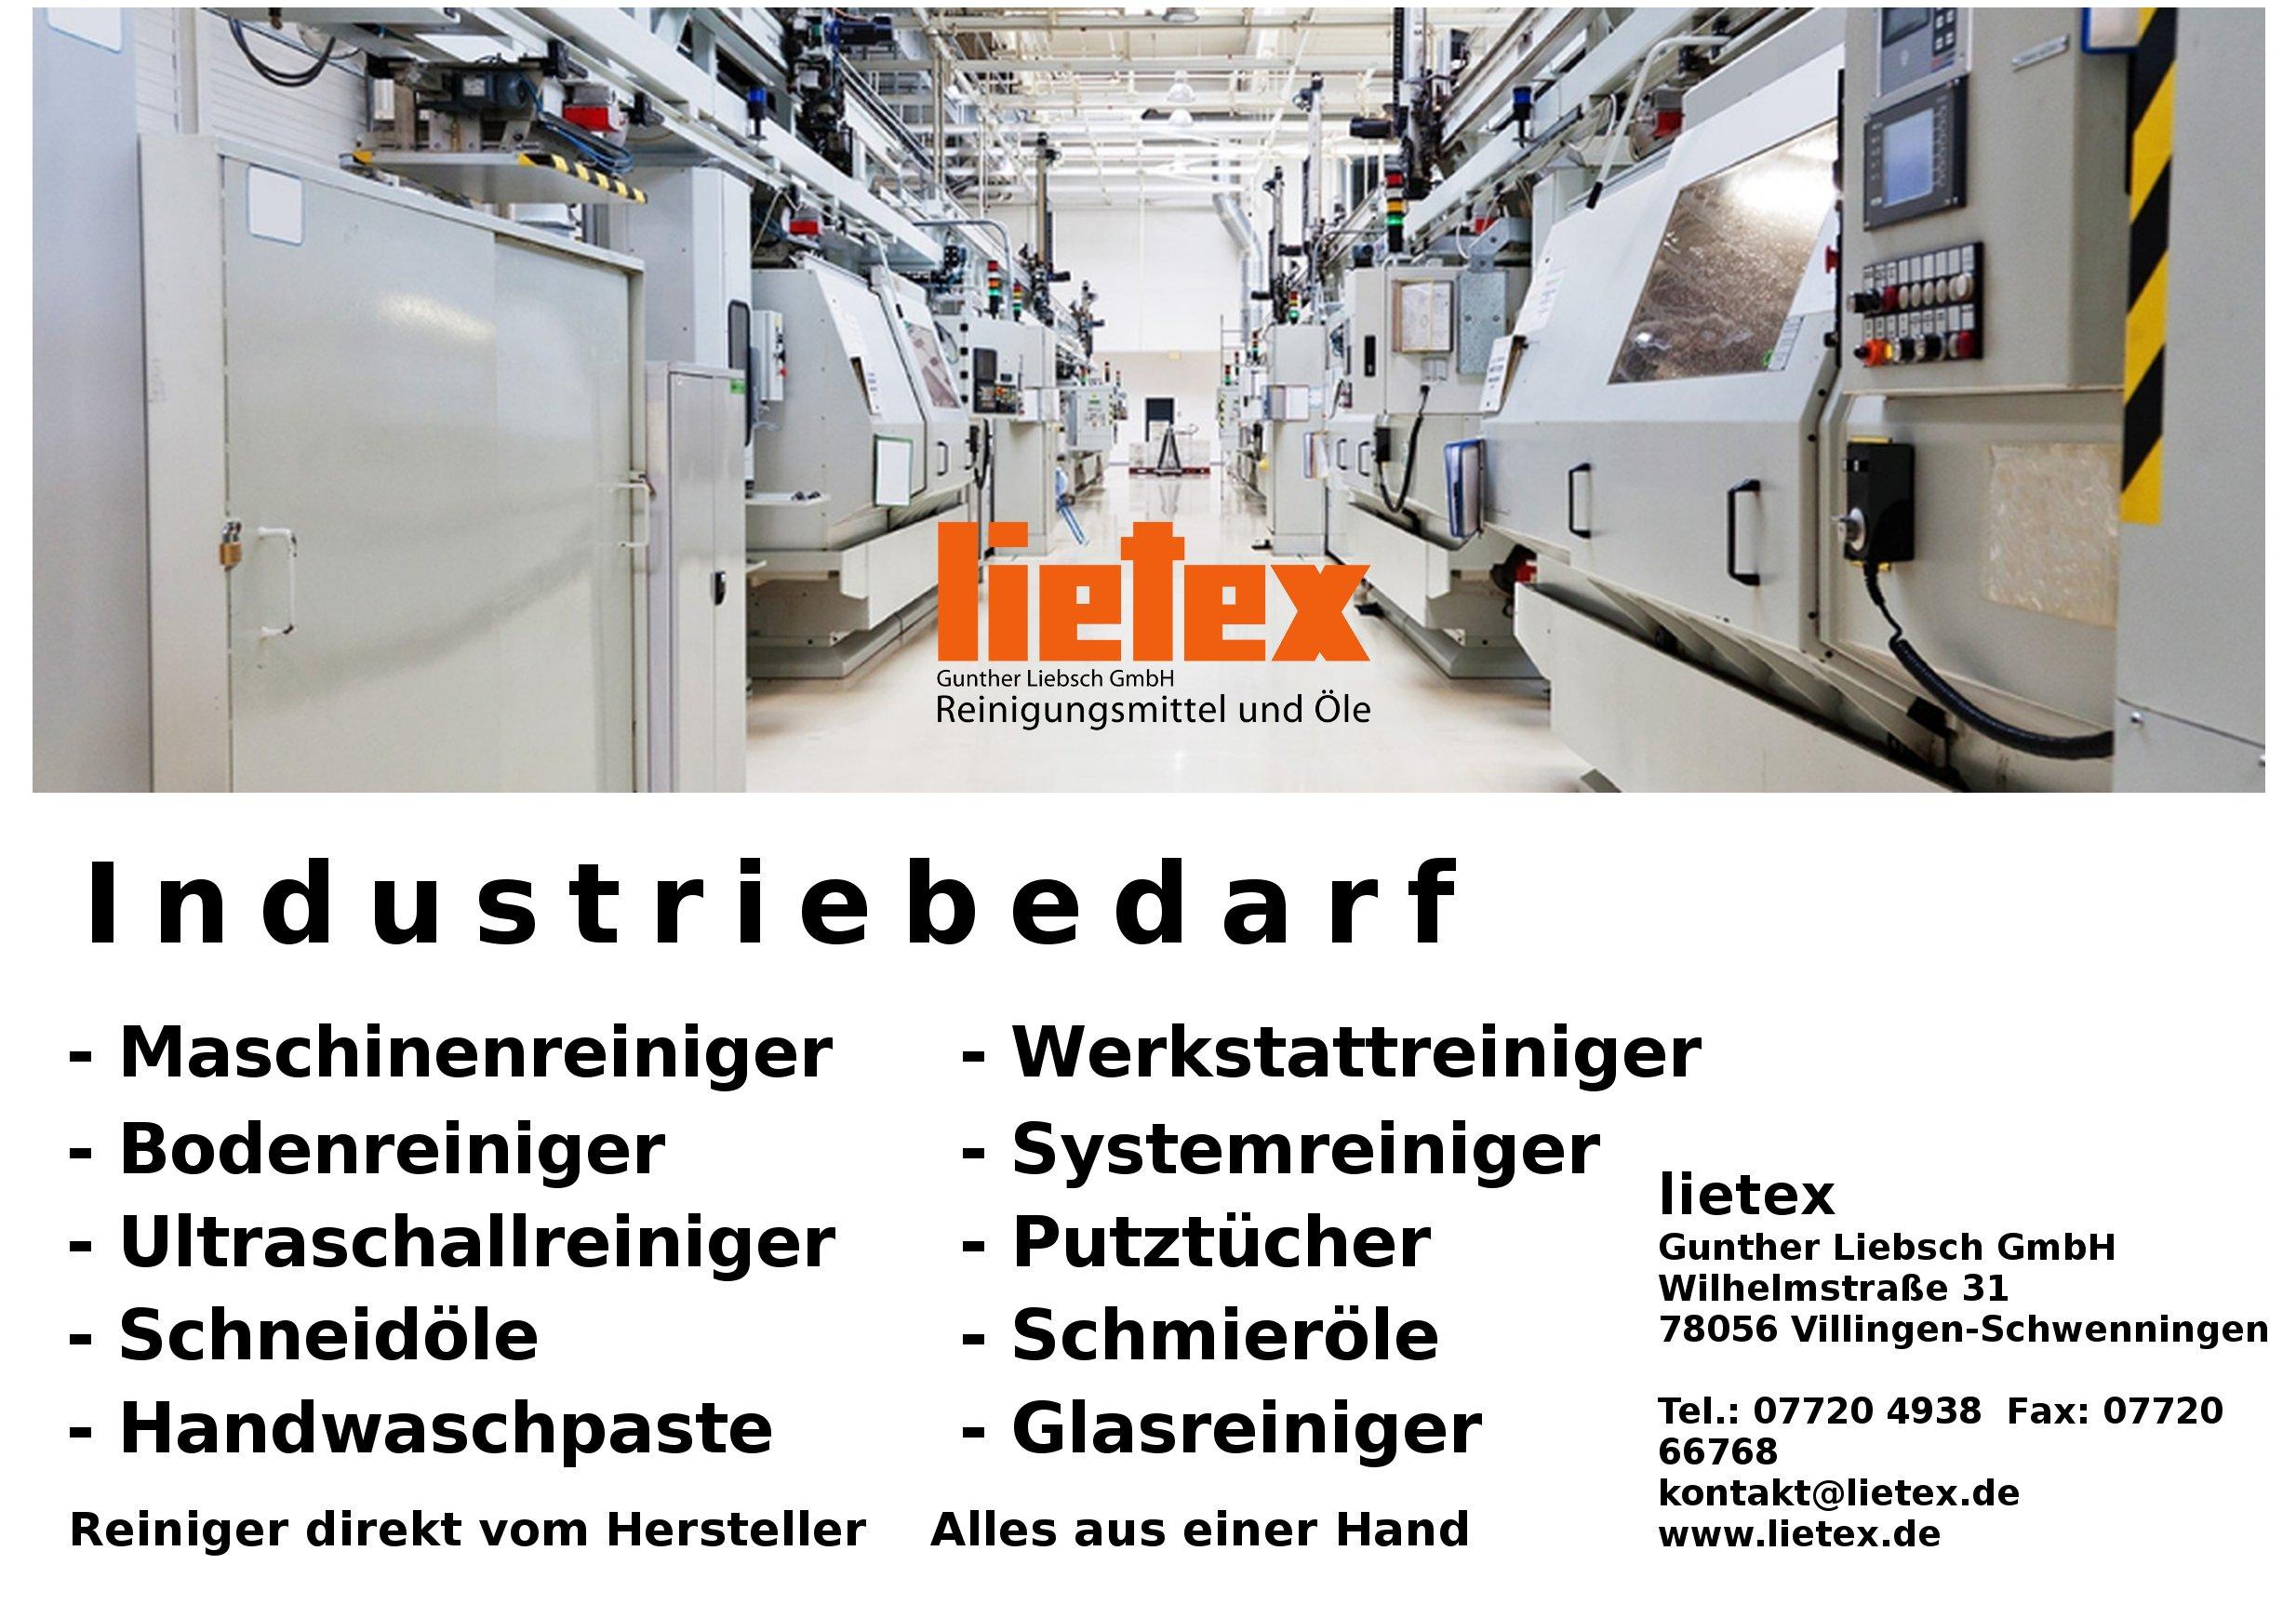 Lietex Industriebedarf